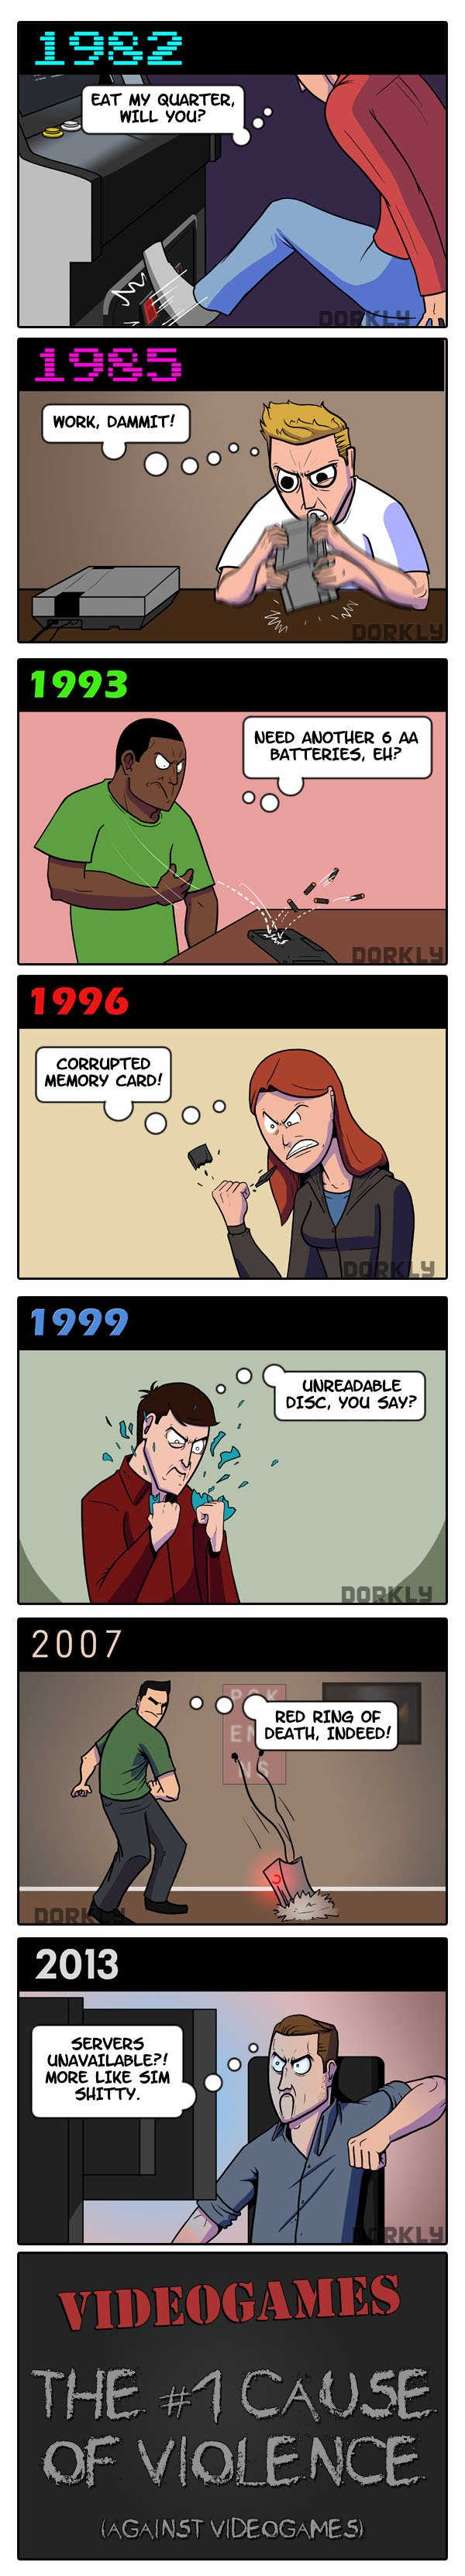 Les jeux vidéo : une histoire de violence